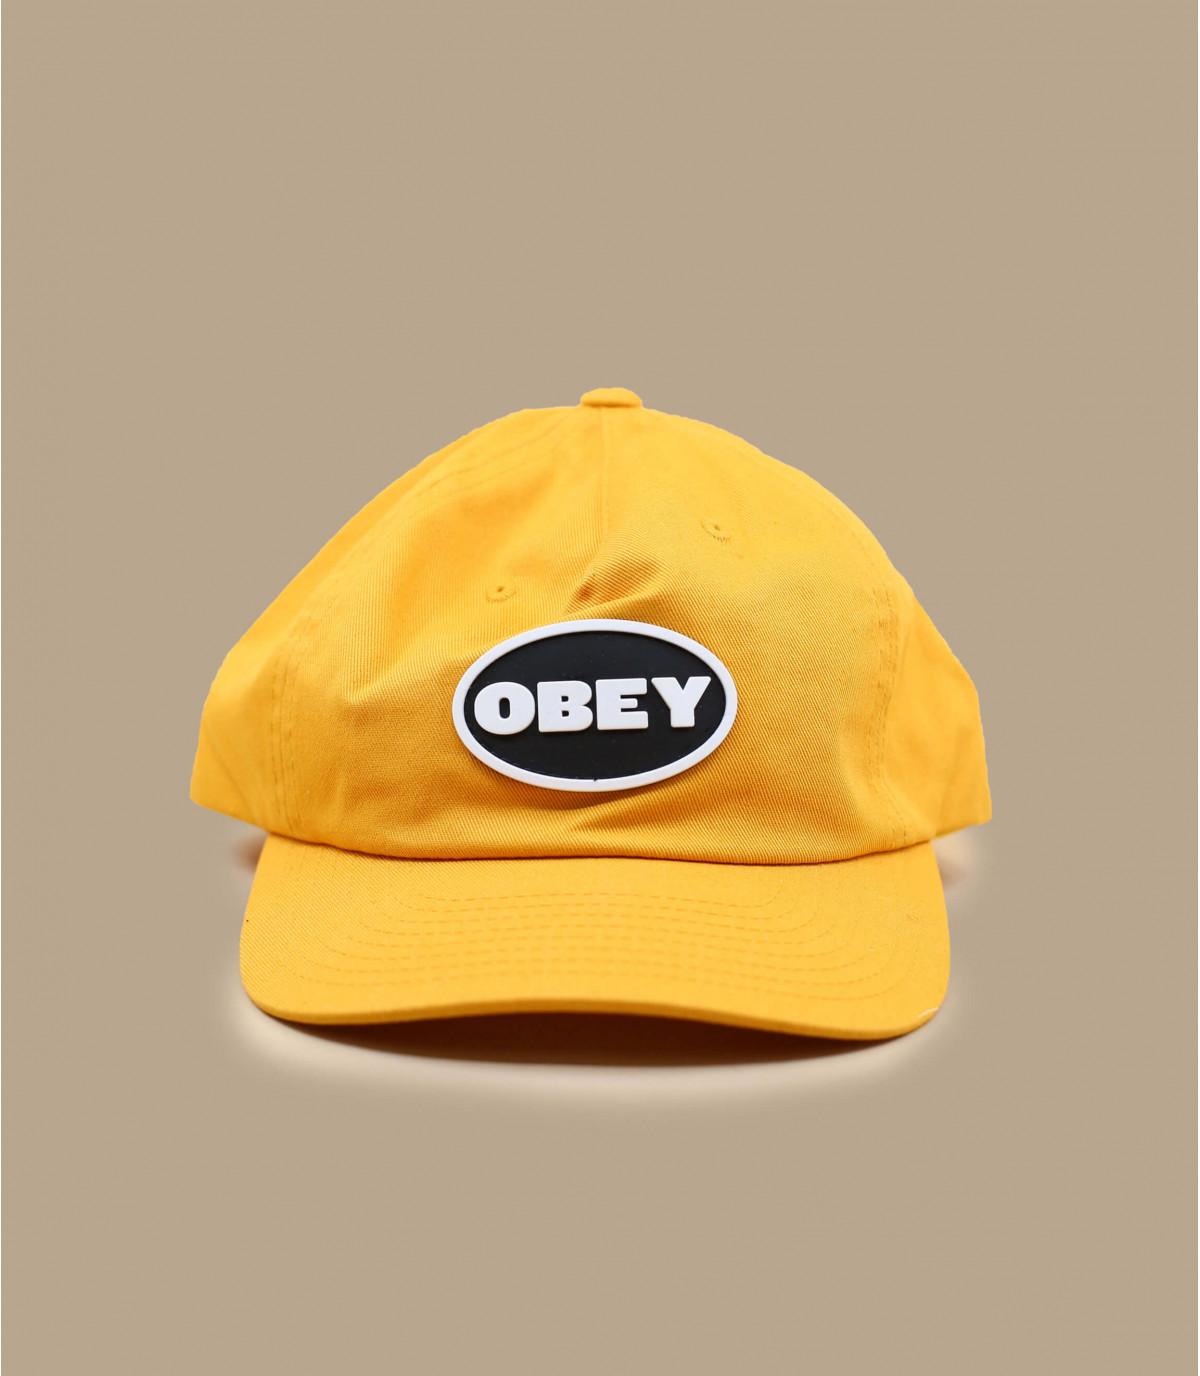 kap 5 geel Obey paneel